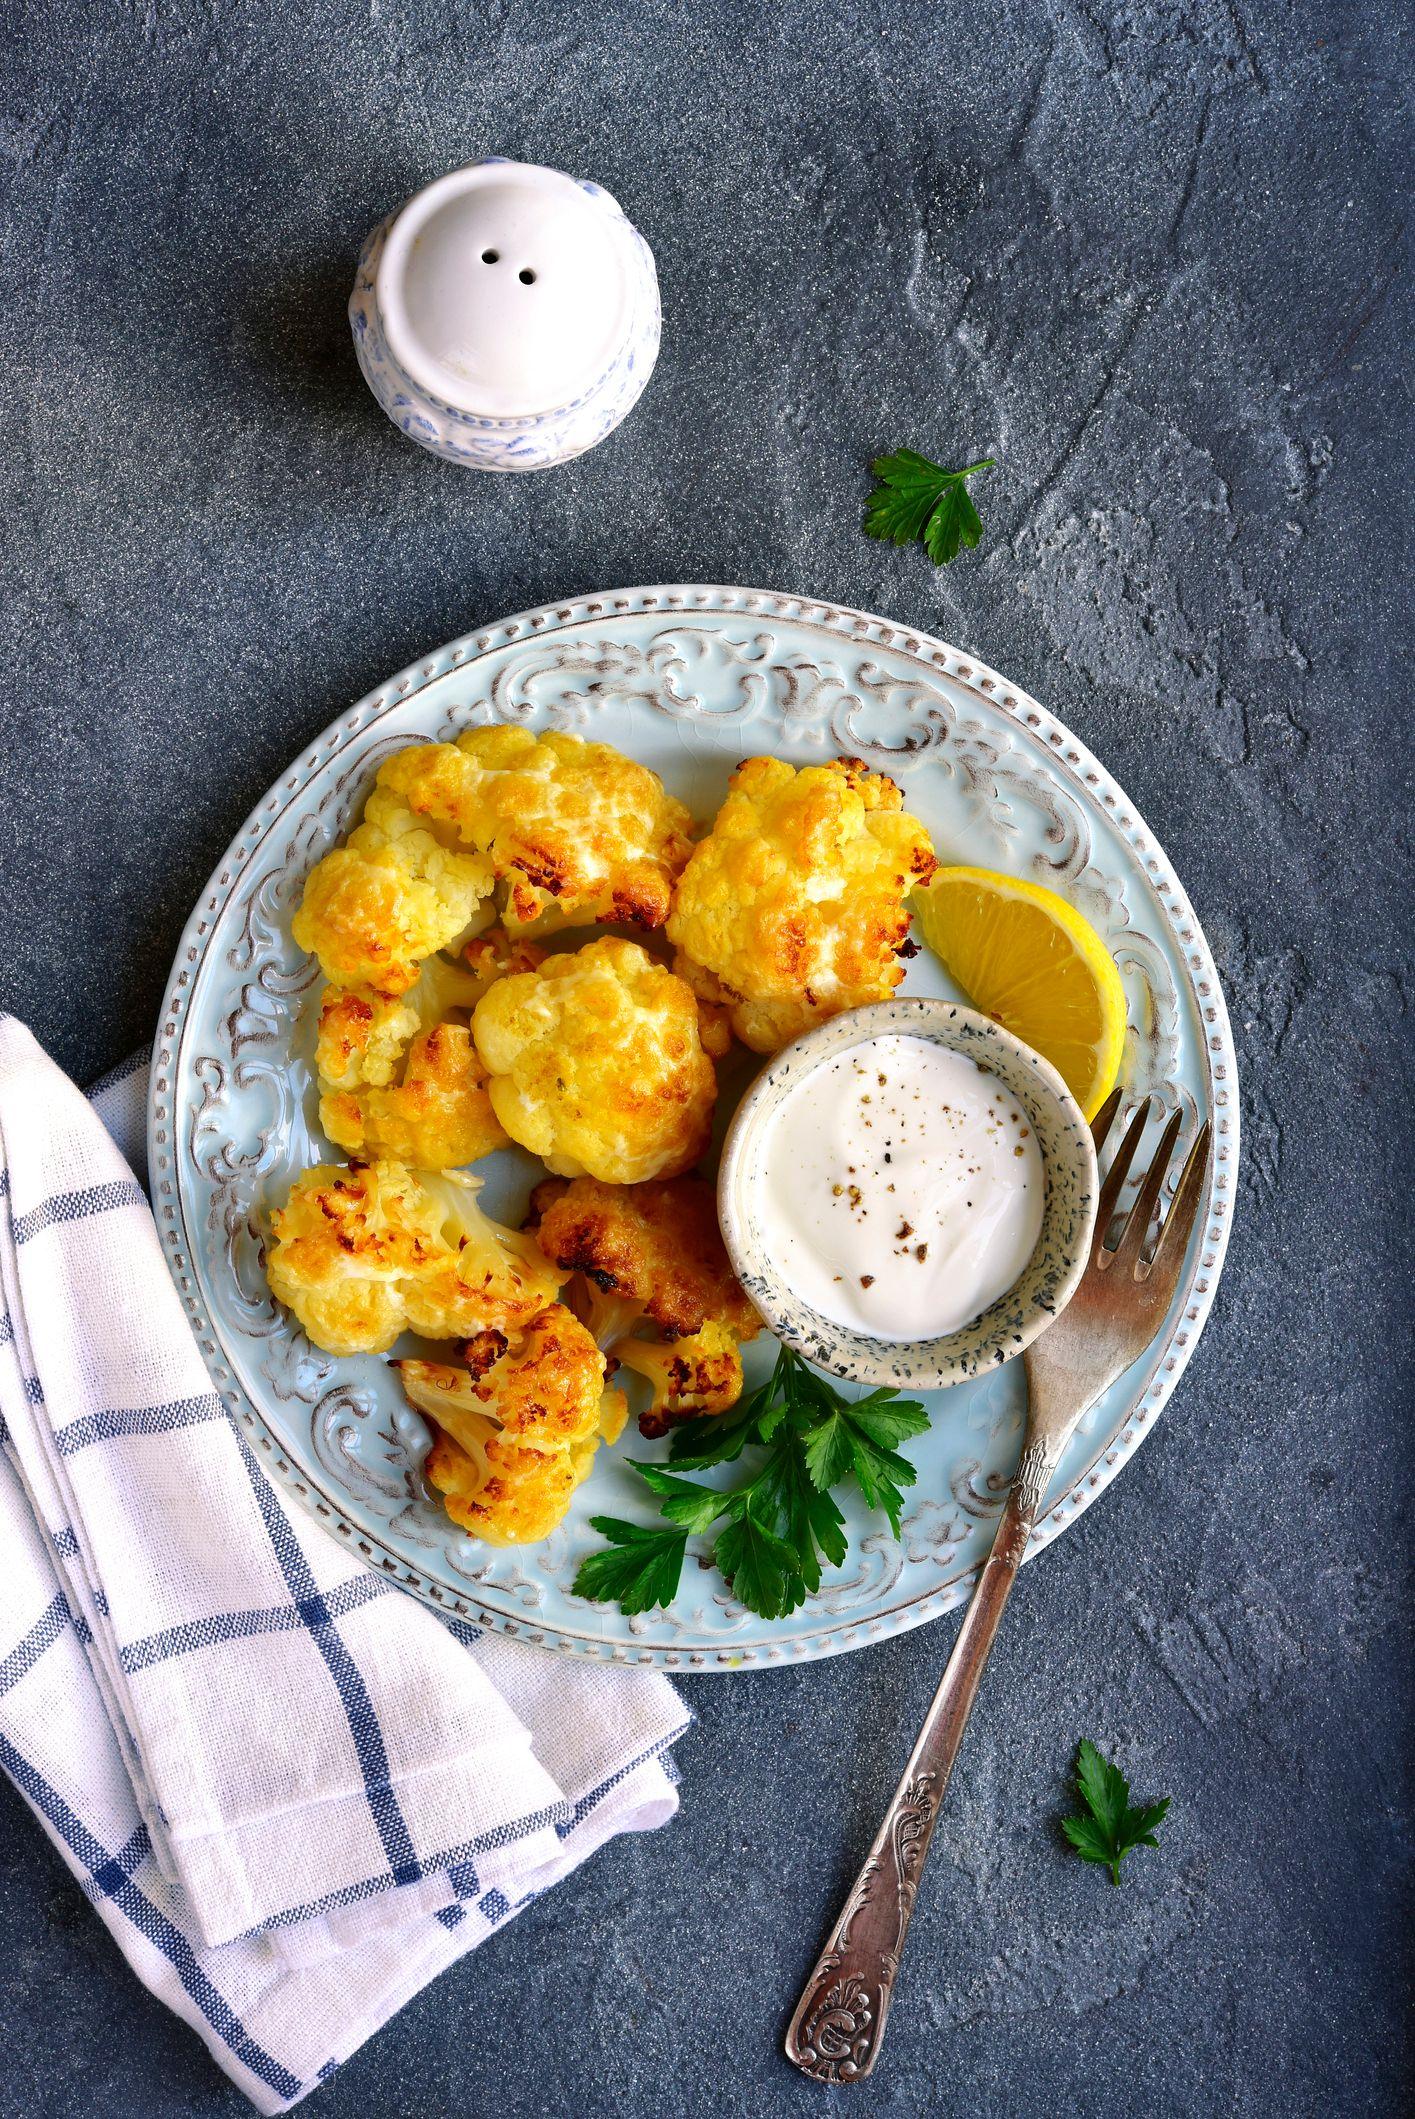 Etonnants ces 10 atouts gourmands (et sains) du chou-fleur | Richesceleb.com